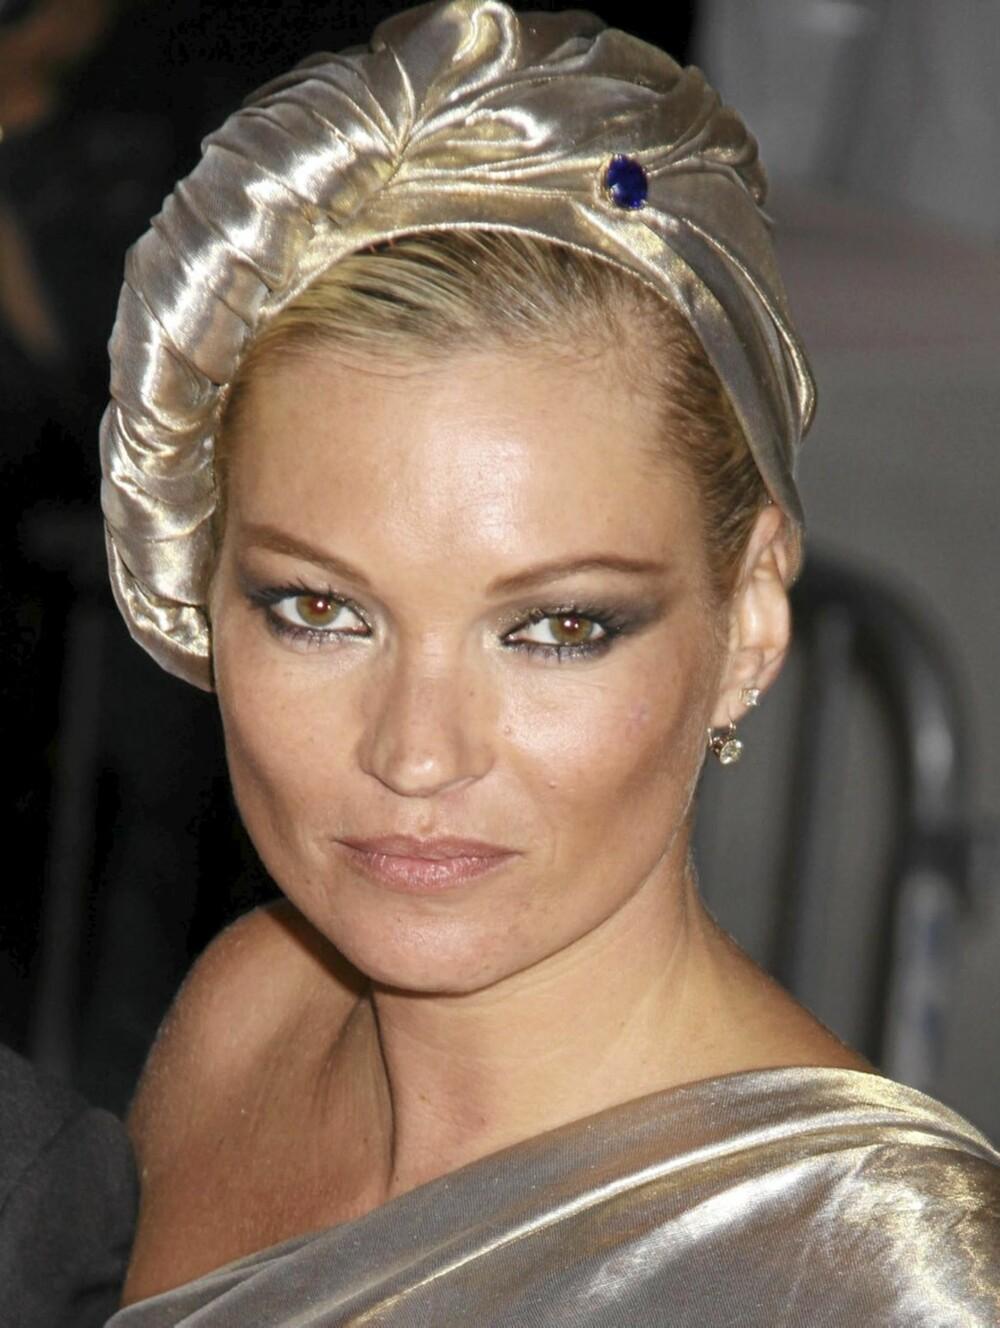 GLOSSY: Skinnende øyeskygge er en sikker vinner denne sesongen. Her er Kate Moss glossy fra topp til tå.